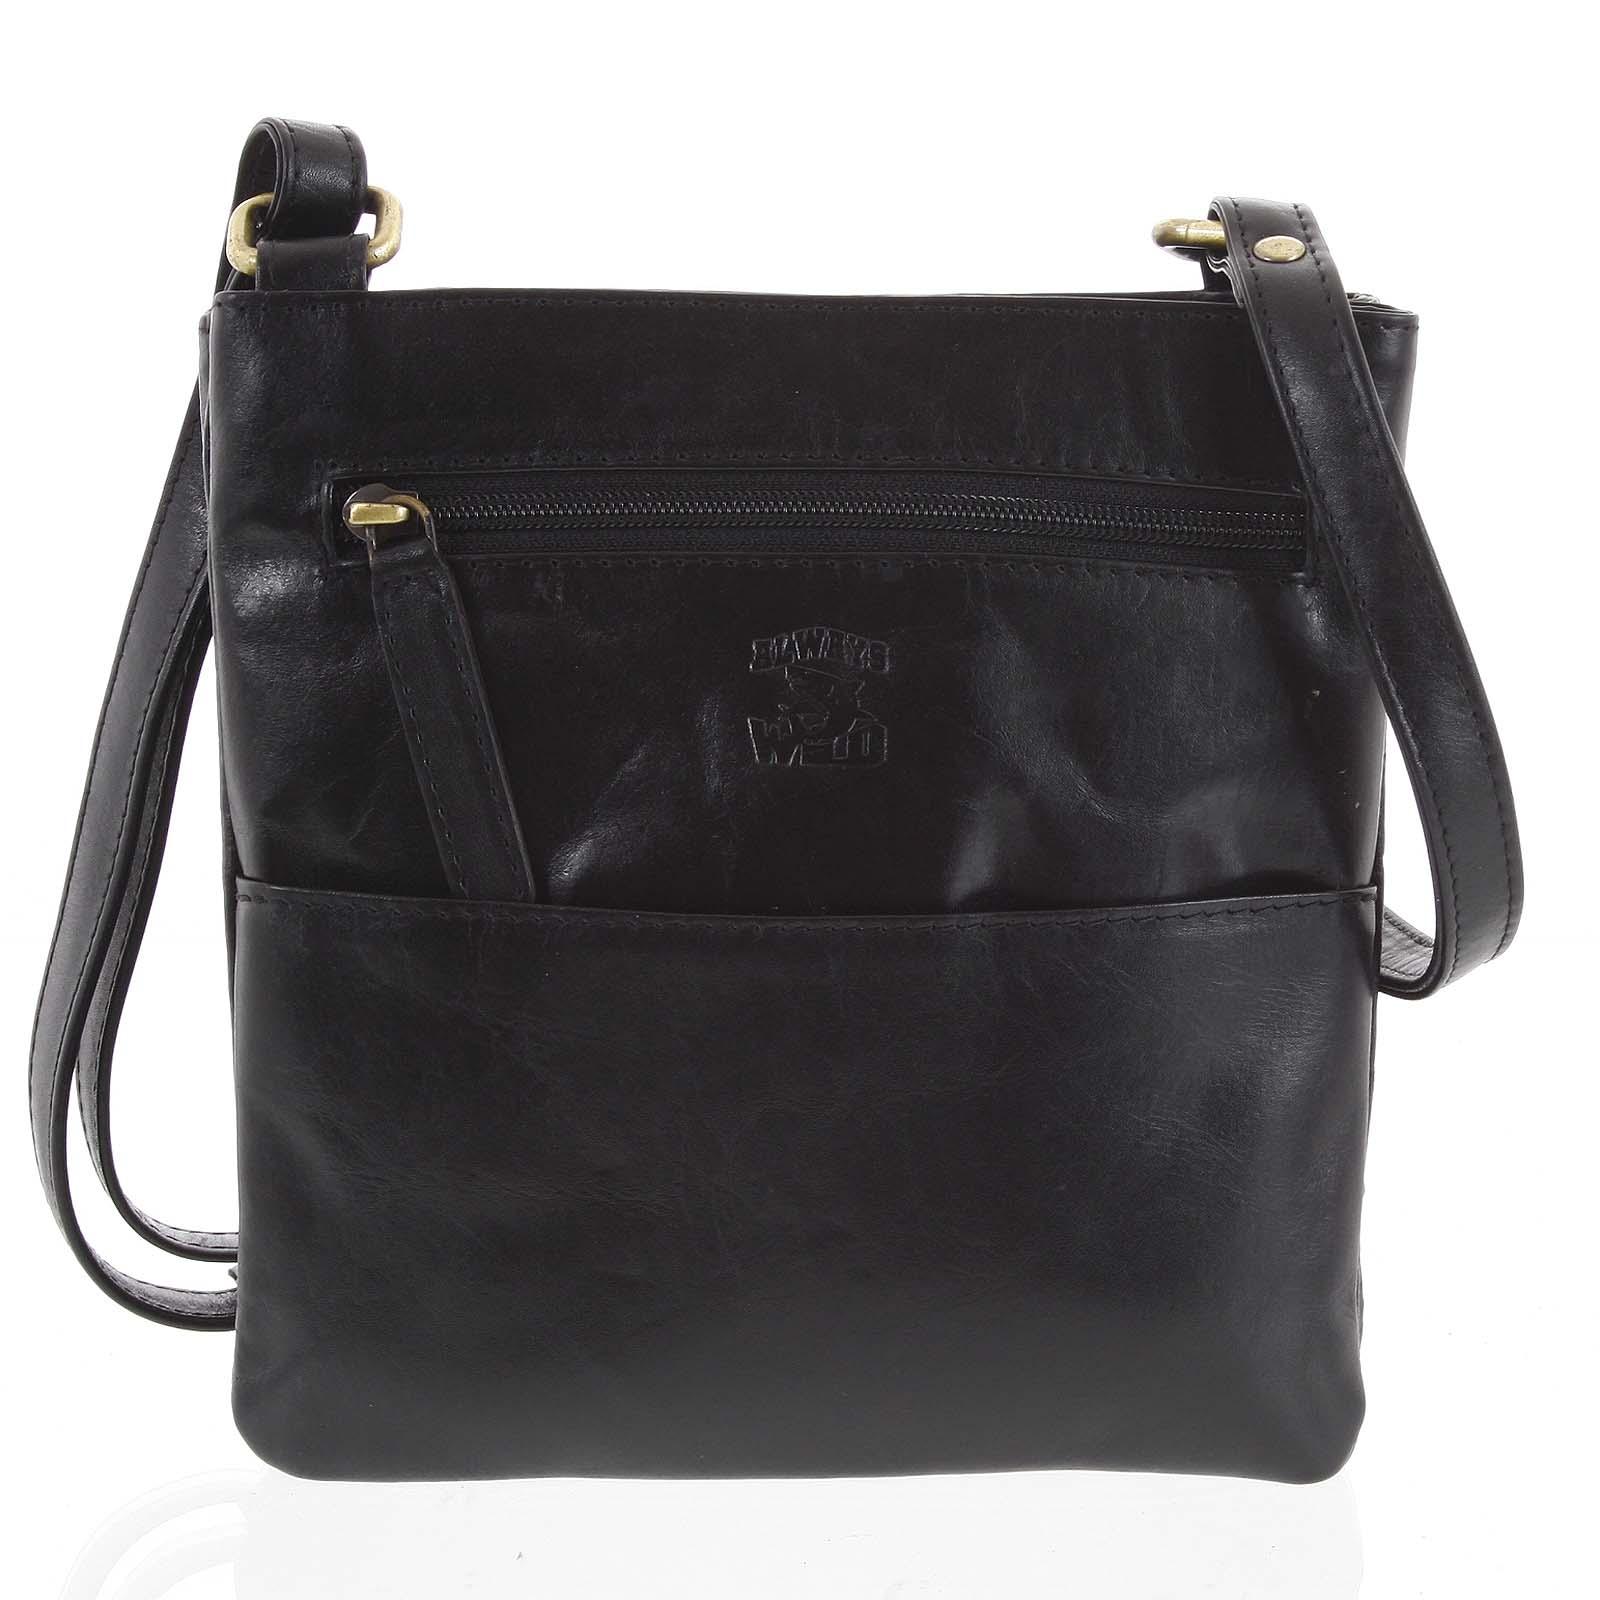 Pánska kožená taška na doklady čierna - WILD Lukeny